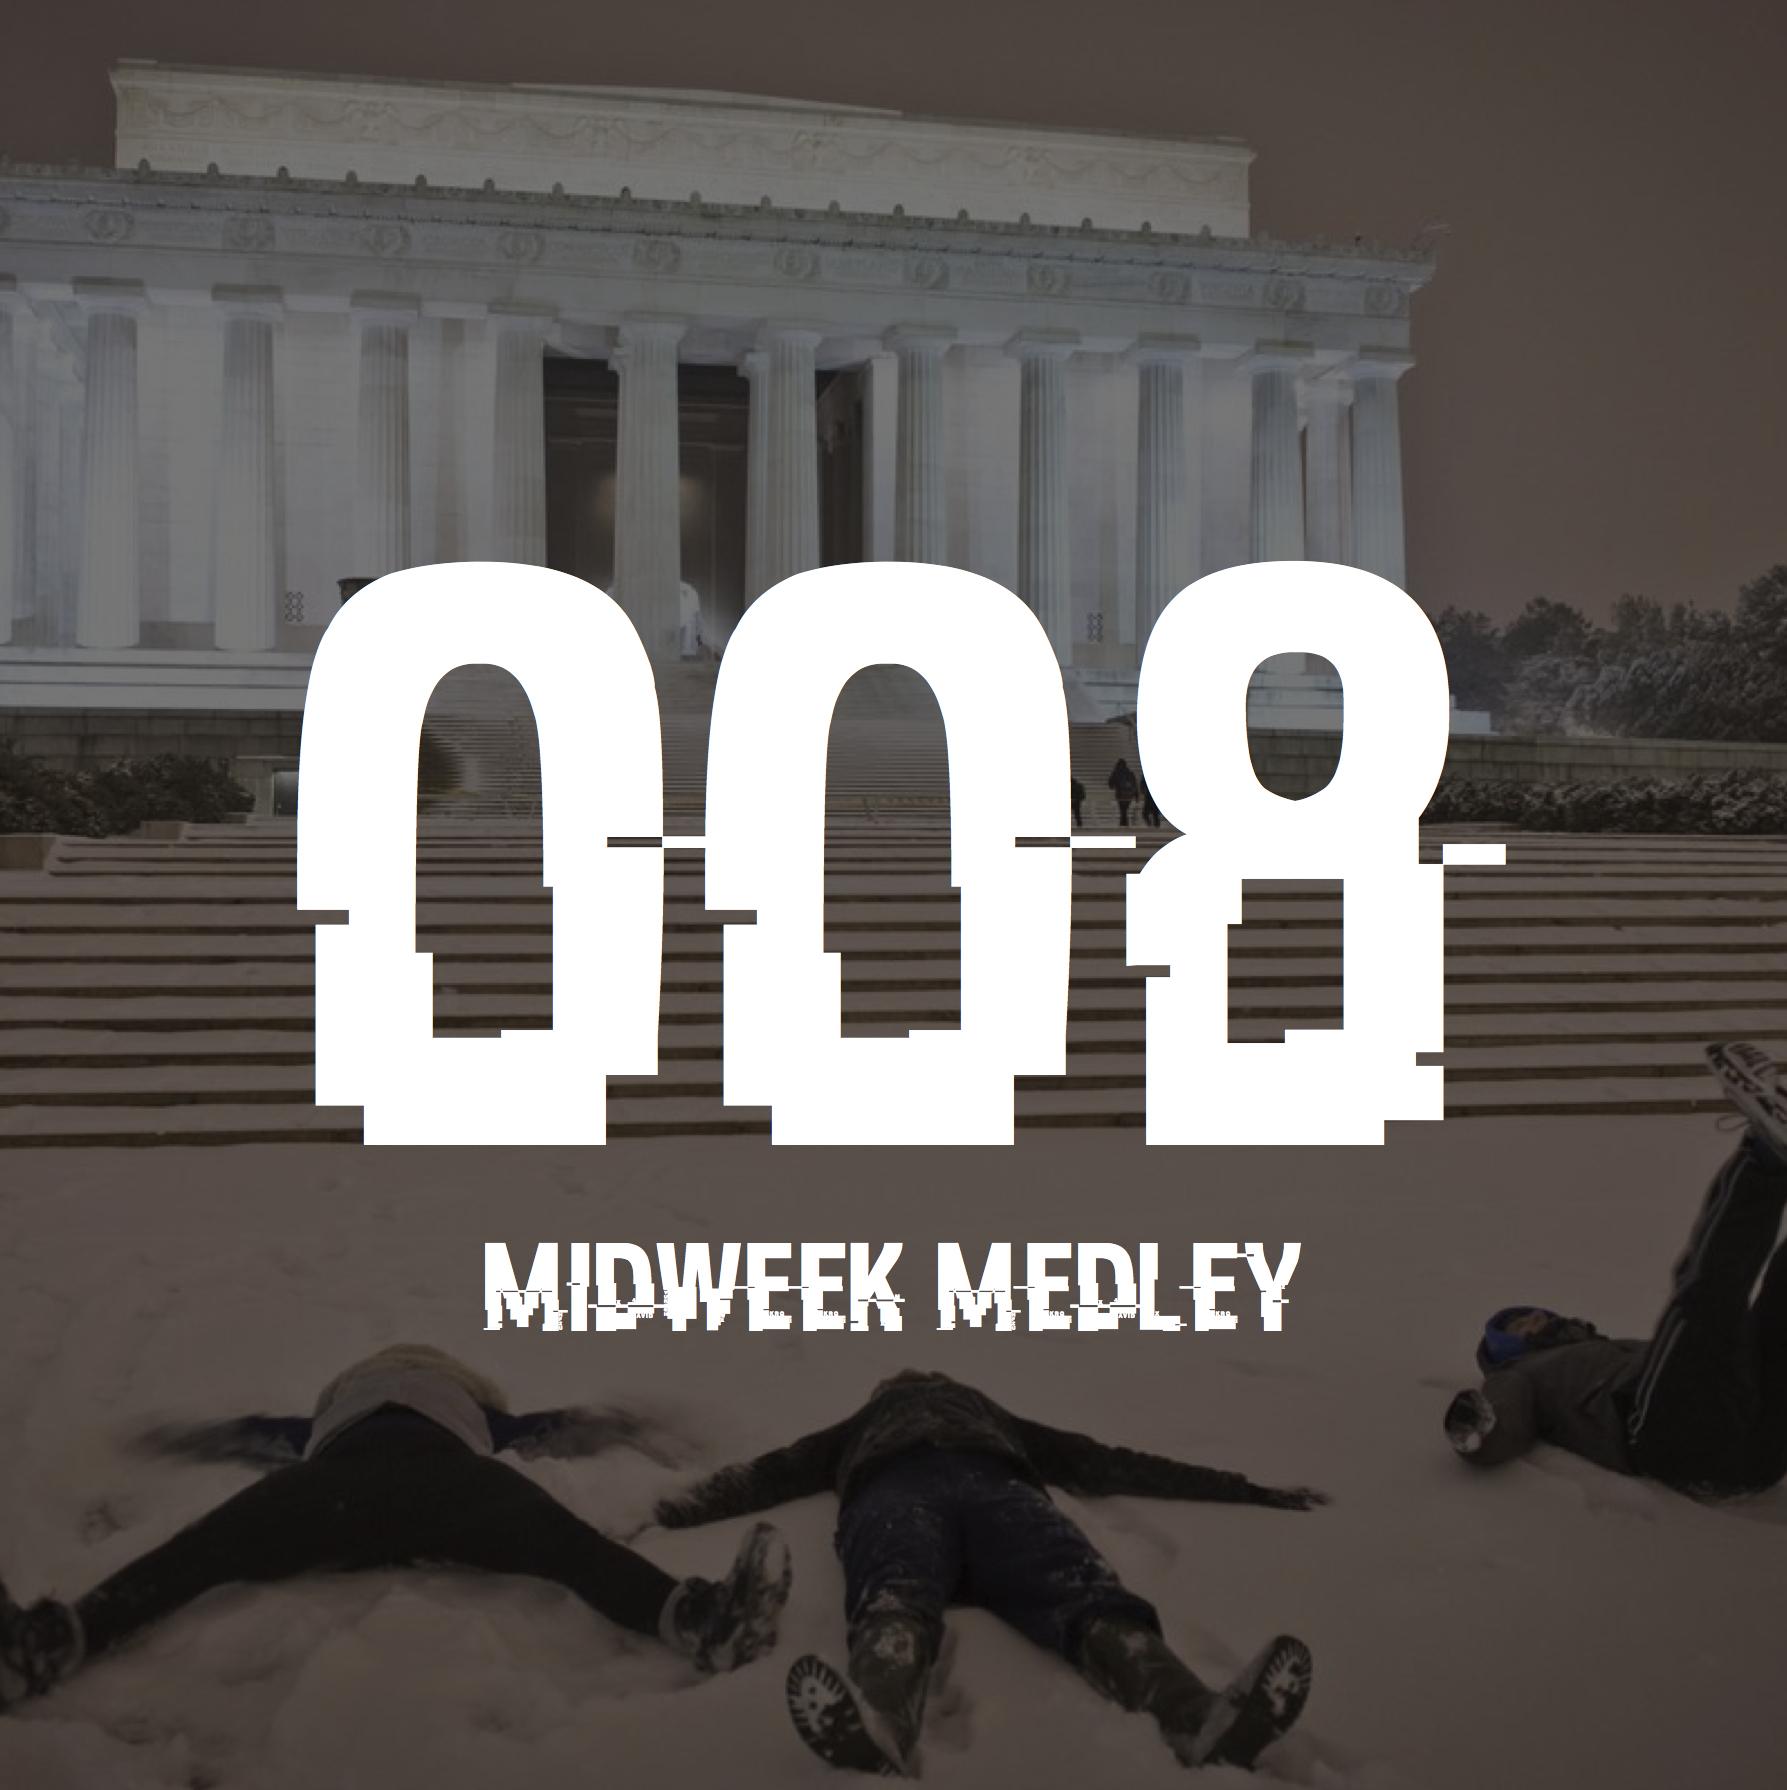 Midweek Medley 008.jpg